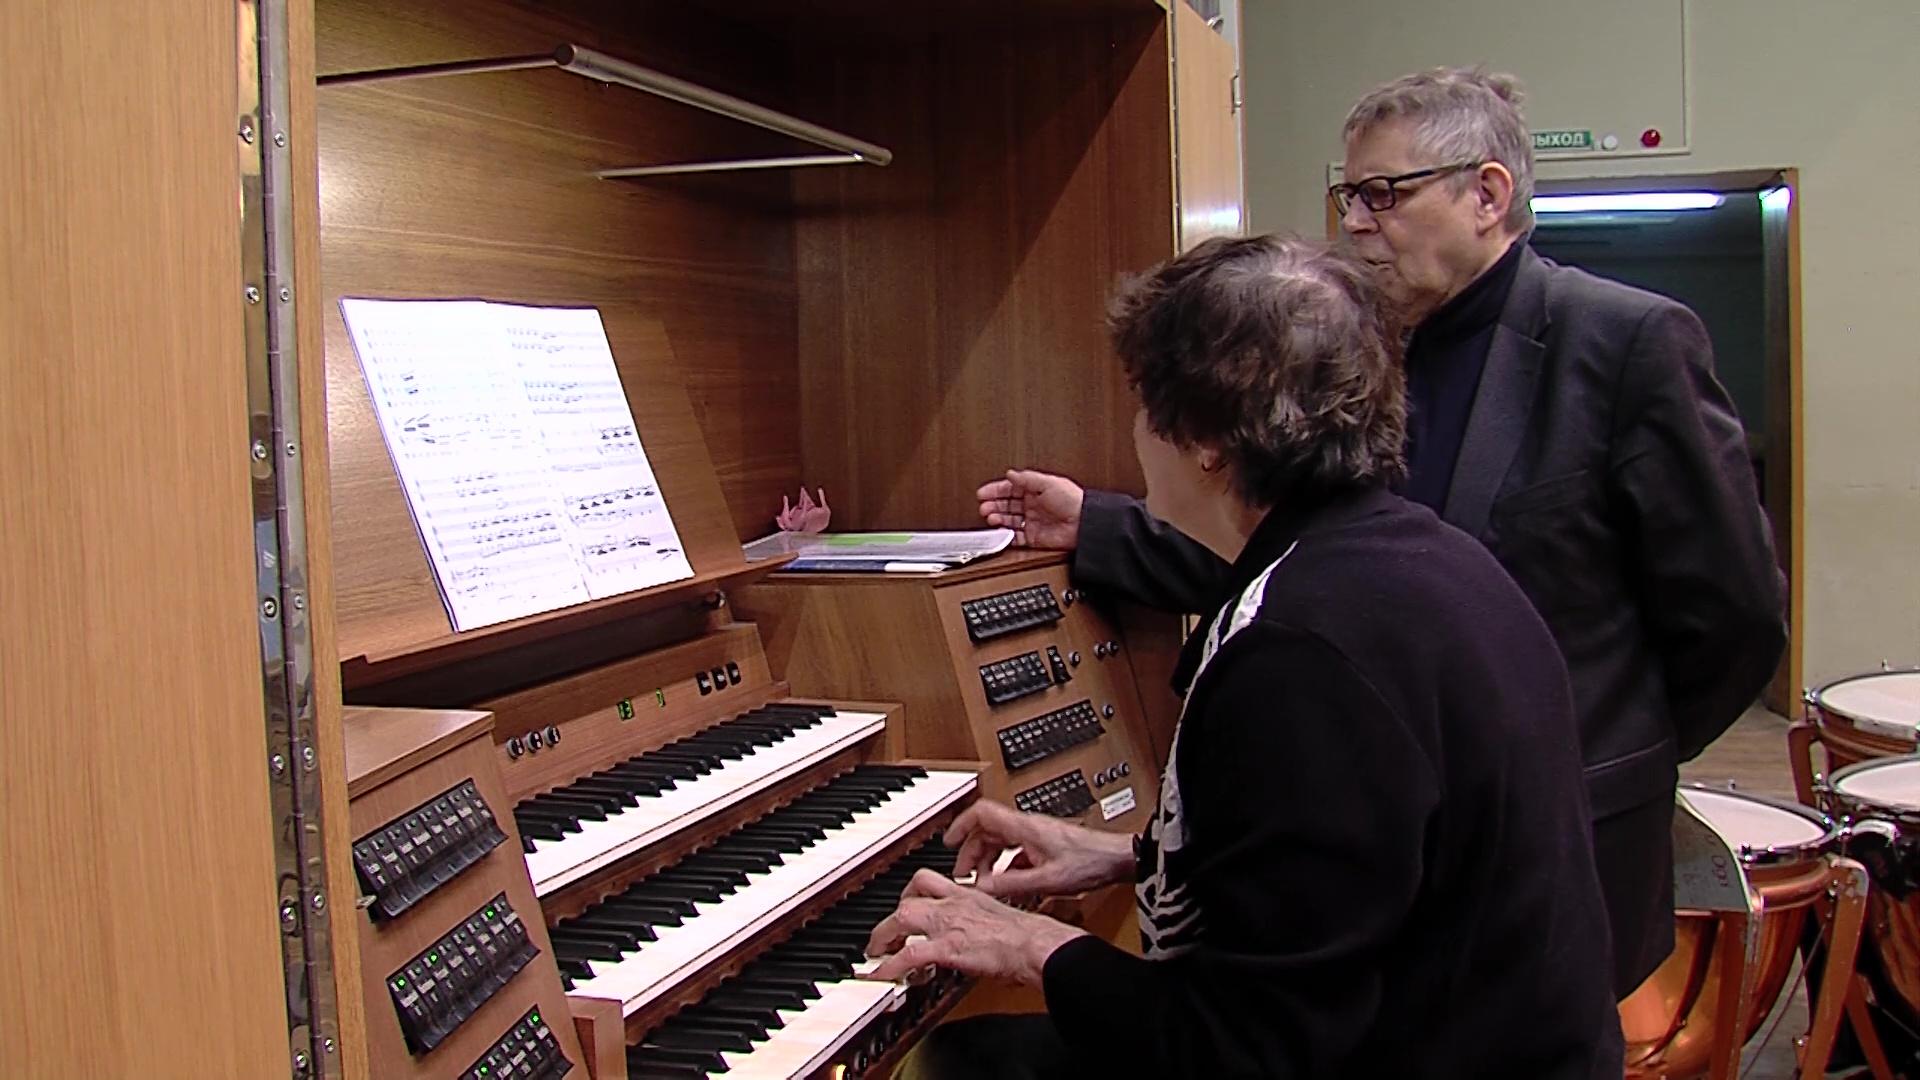 В Ярославле стартовал международный фестиваль органной музыки